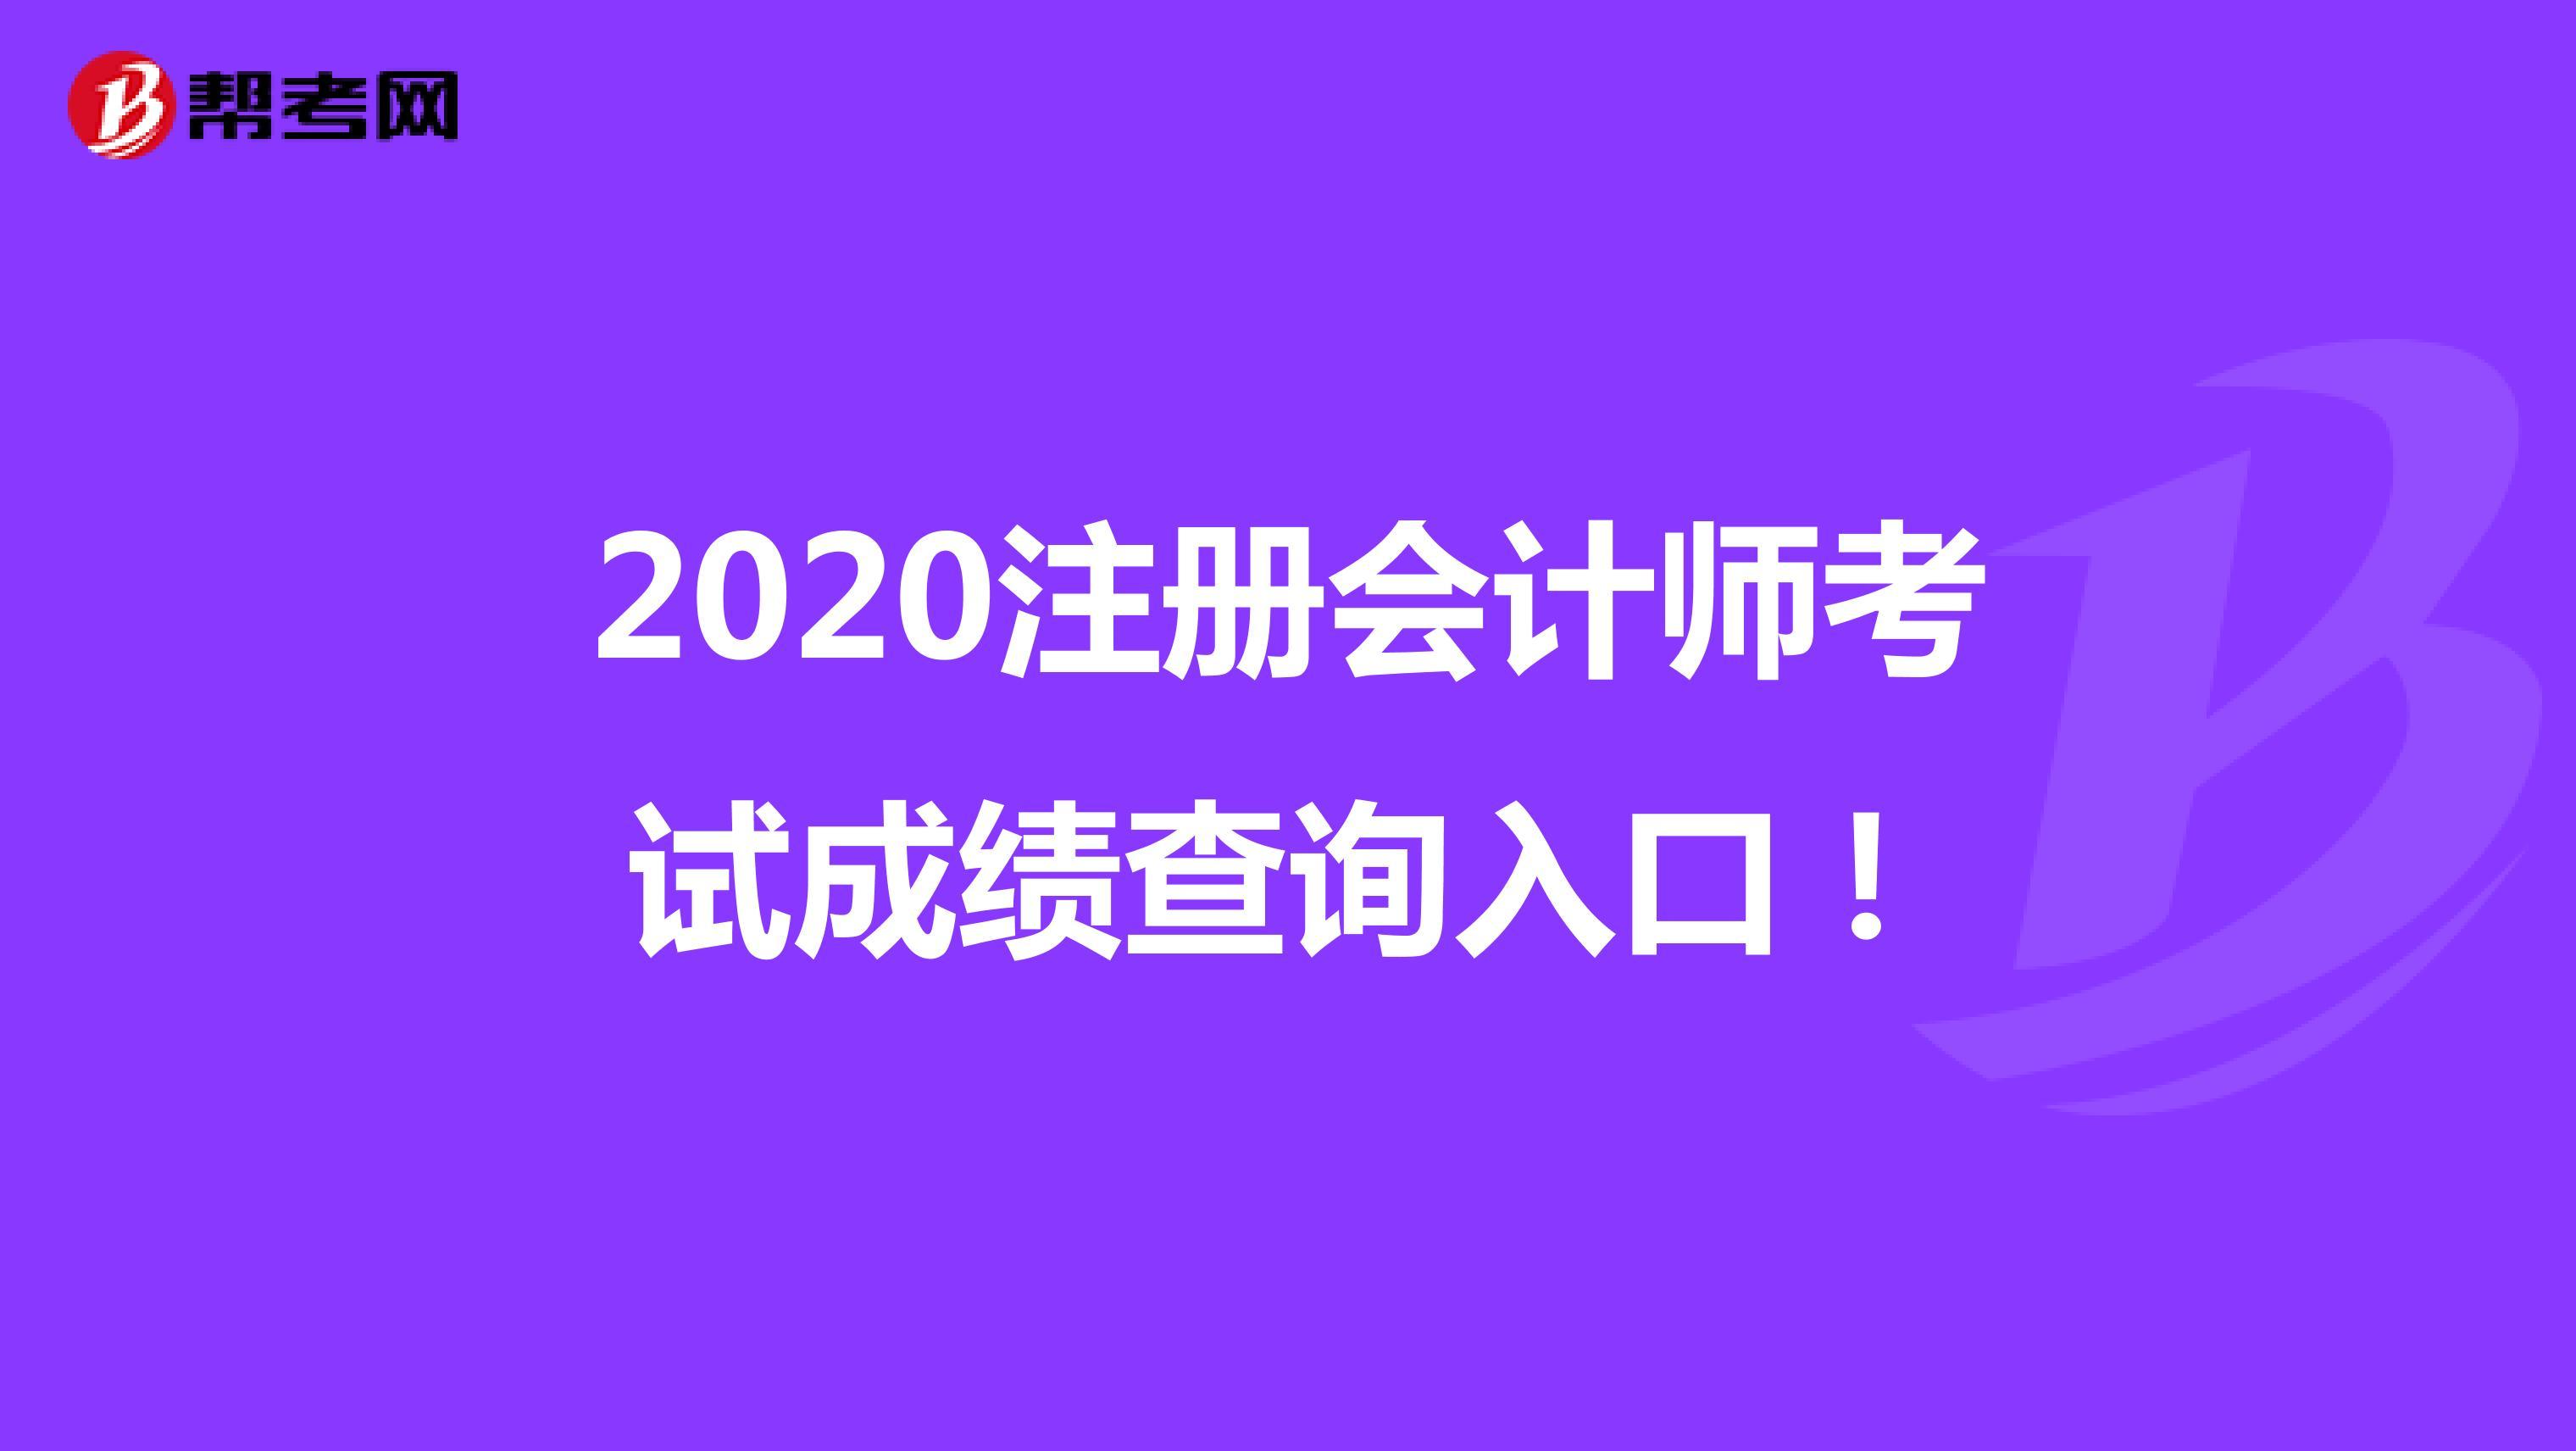 2020注册会计师考试成绩查询入口!